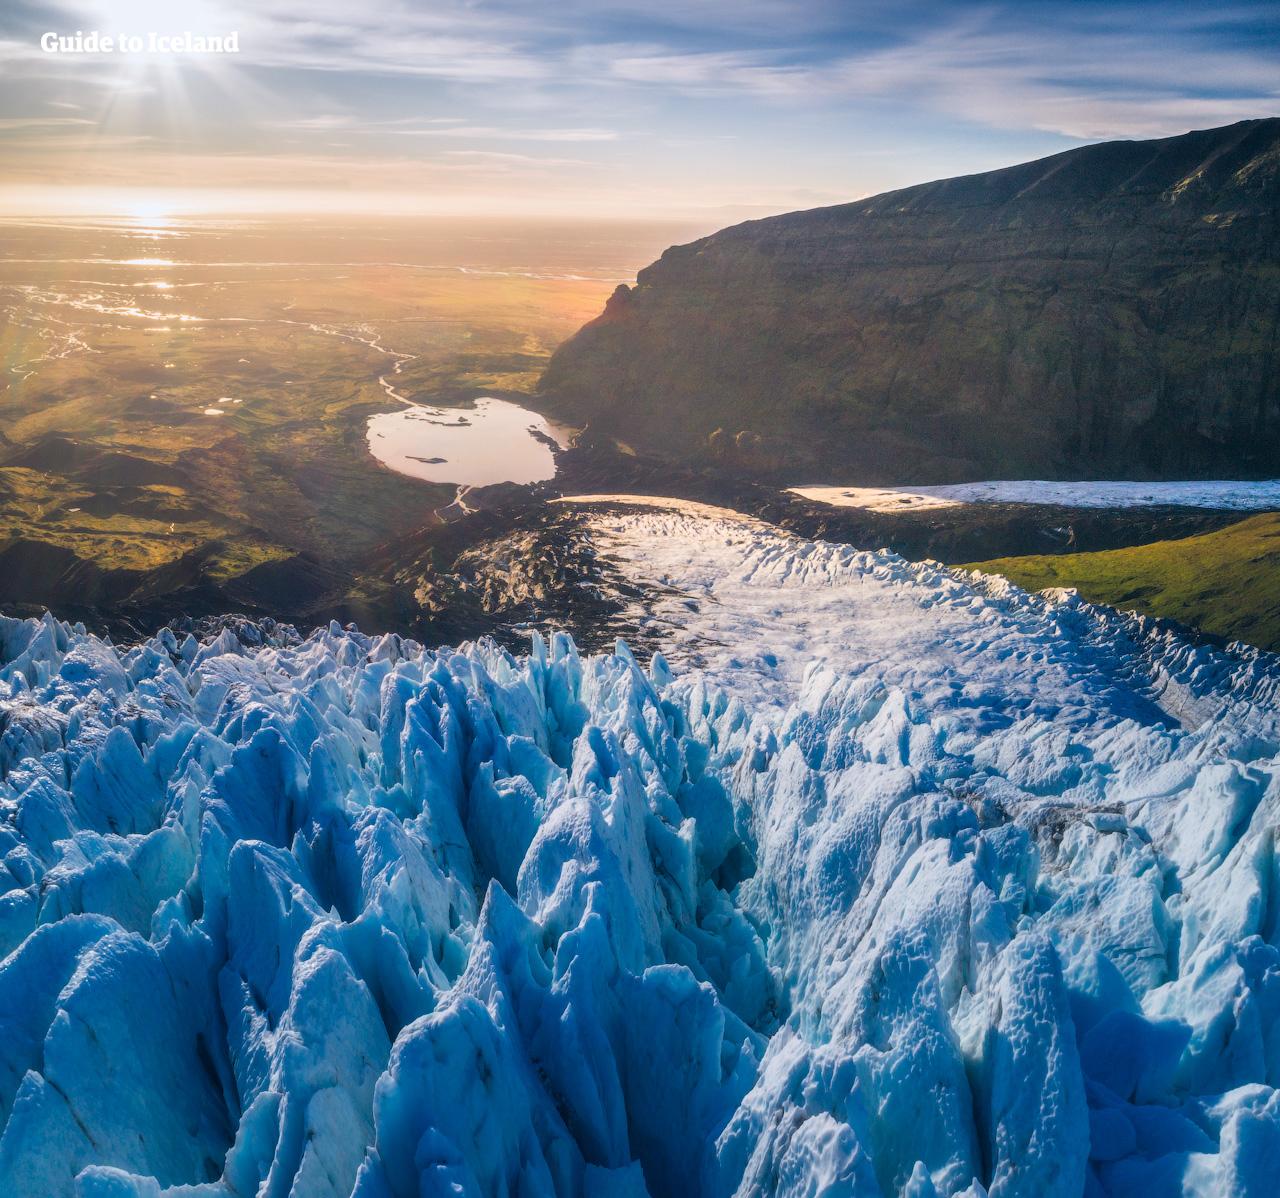 Viaggia lungo la costa meridionale dell'Islanda e ammira le sabbie nere, i ghiacciai bianchi e la flora verde.